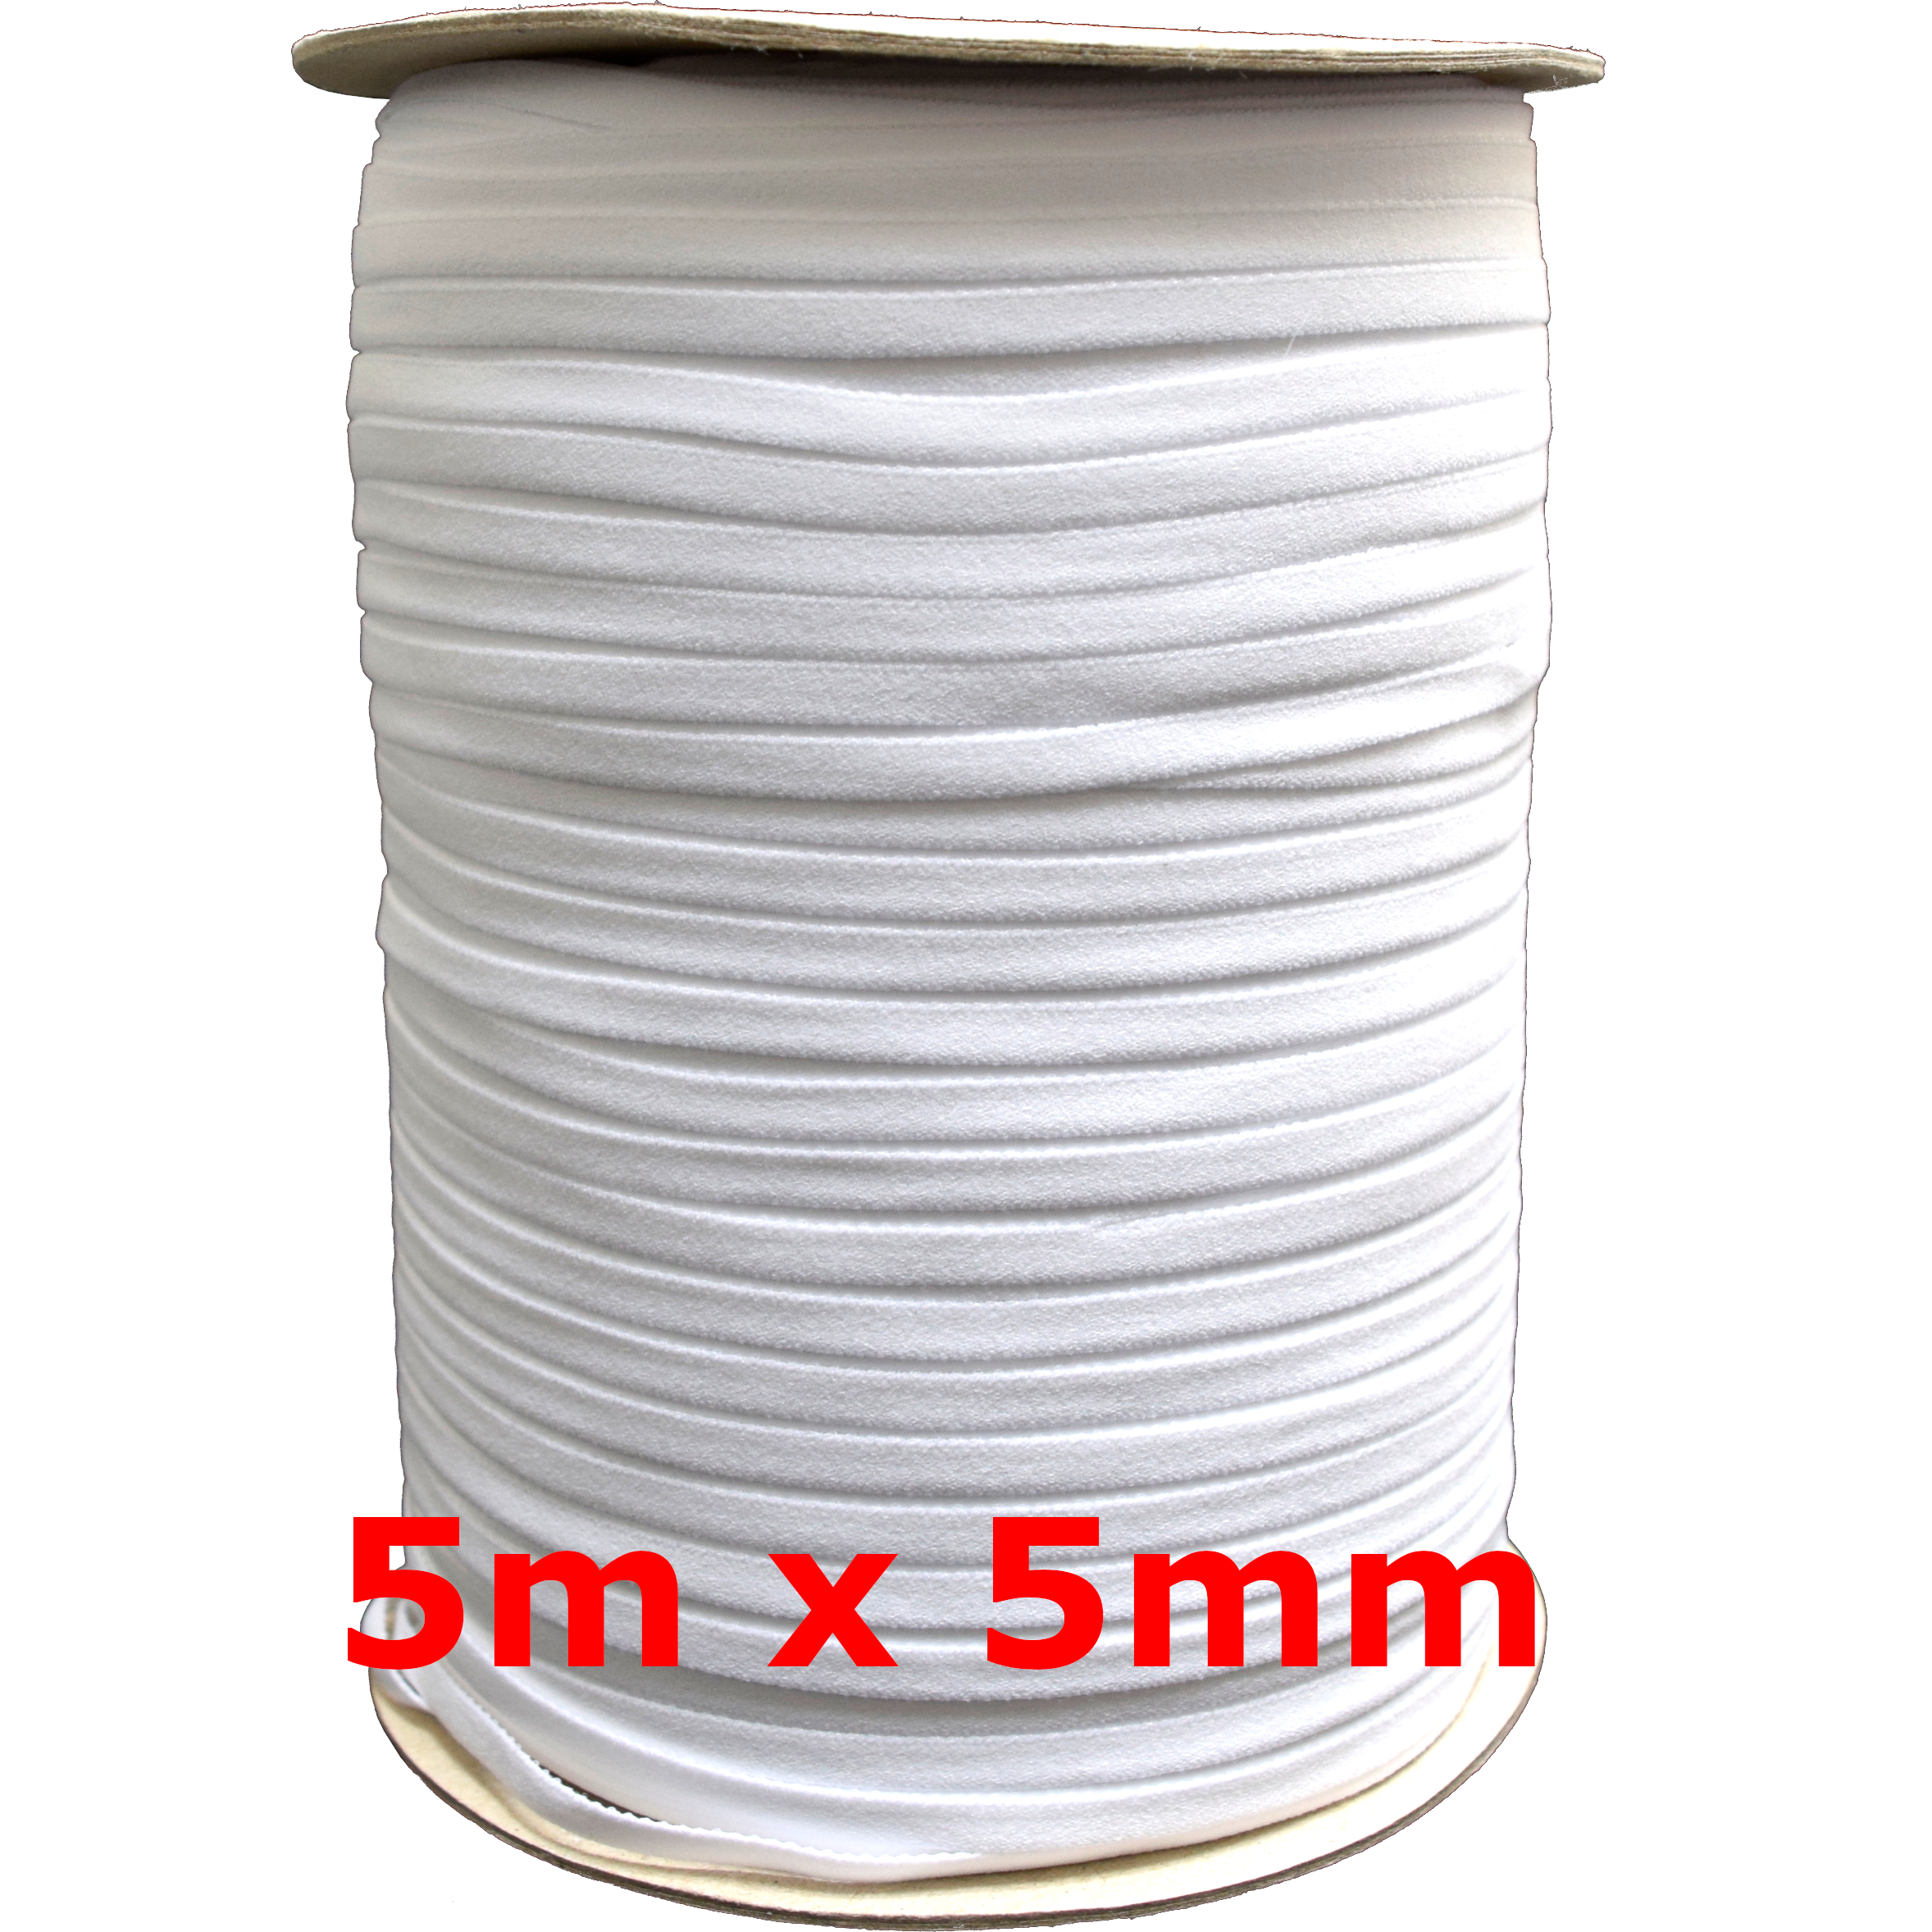 5m-x-3mm-5mm-6mm-Gummiband-kochfest-leichter-Zug-Gummilitze-schwarz-weiss-Maske Indexbild 8